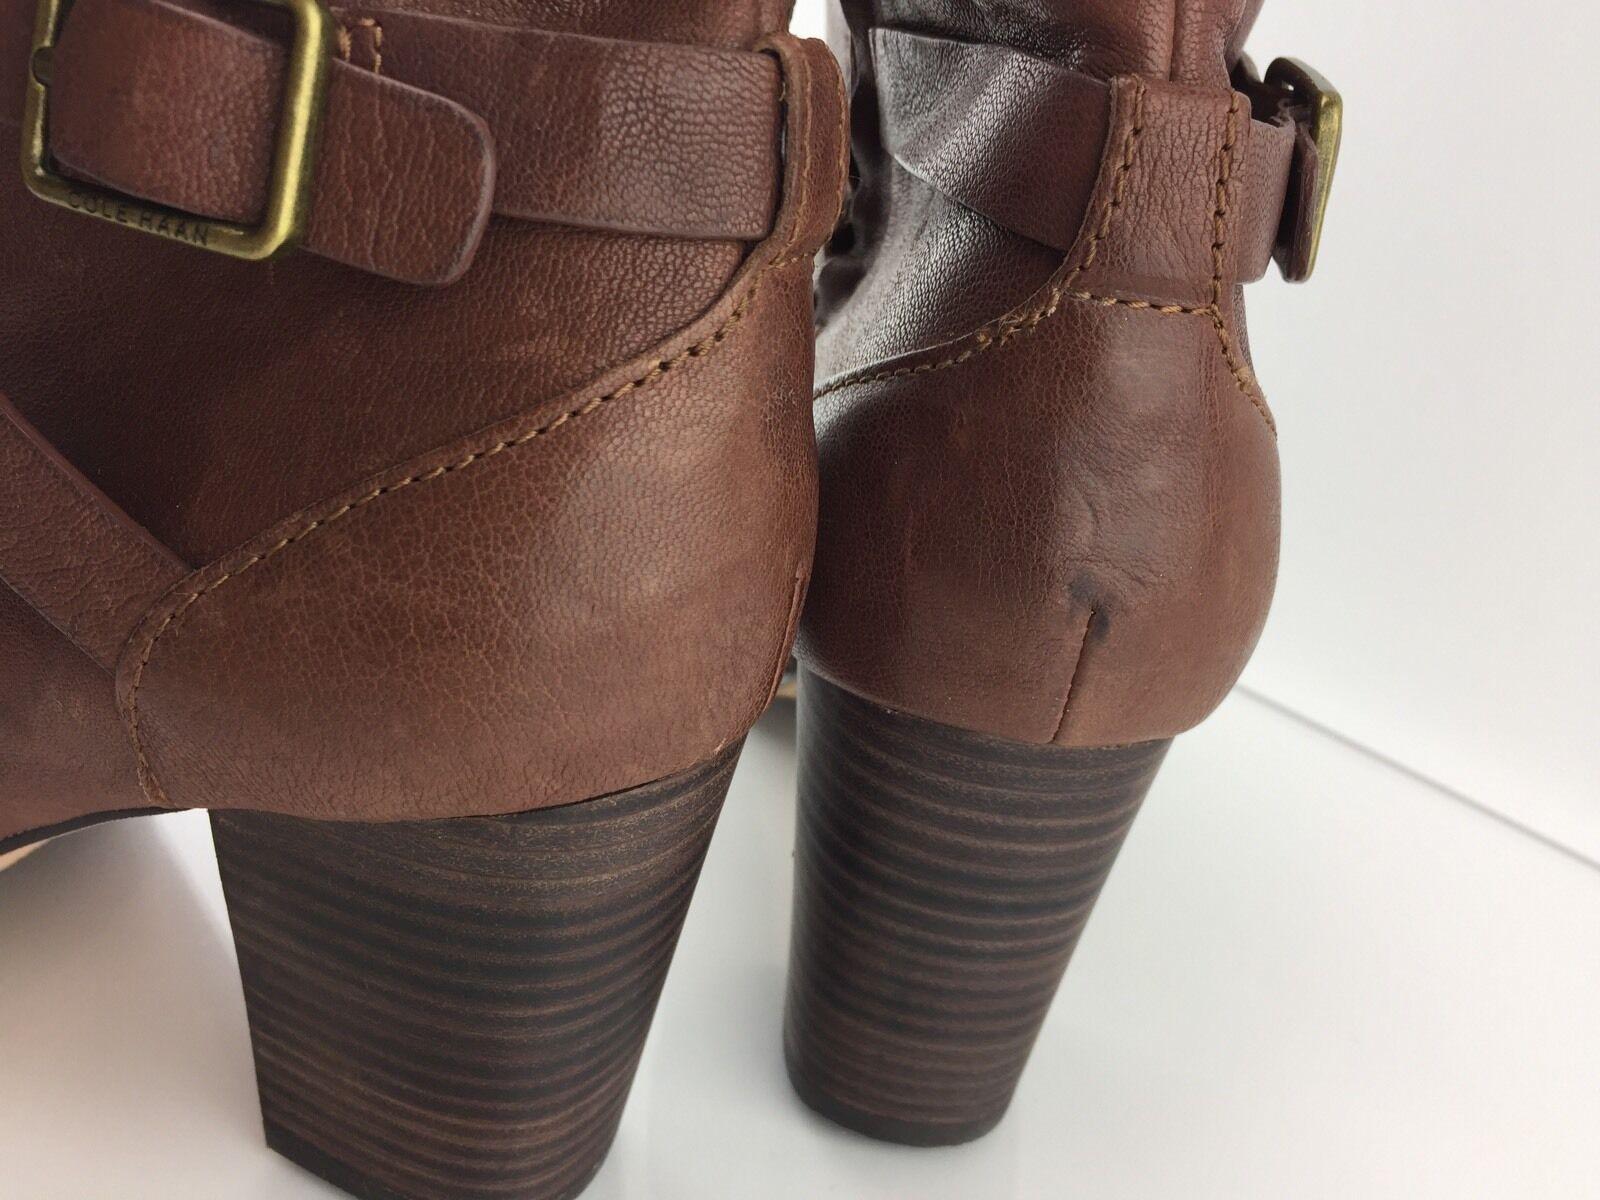 Cole Haan Haan Haan Cassidy Mujer botas al Tobillo Marrón Hebilla 10.5 B 890b94